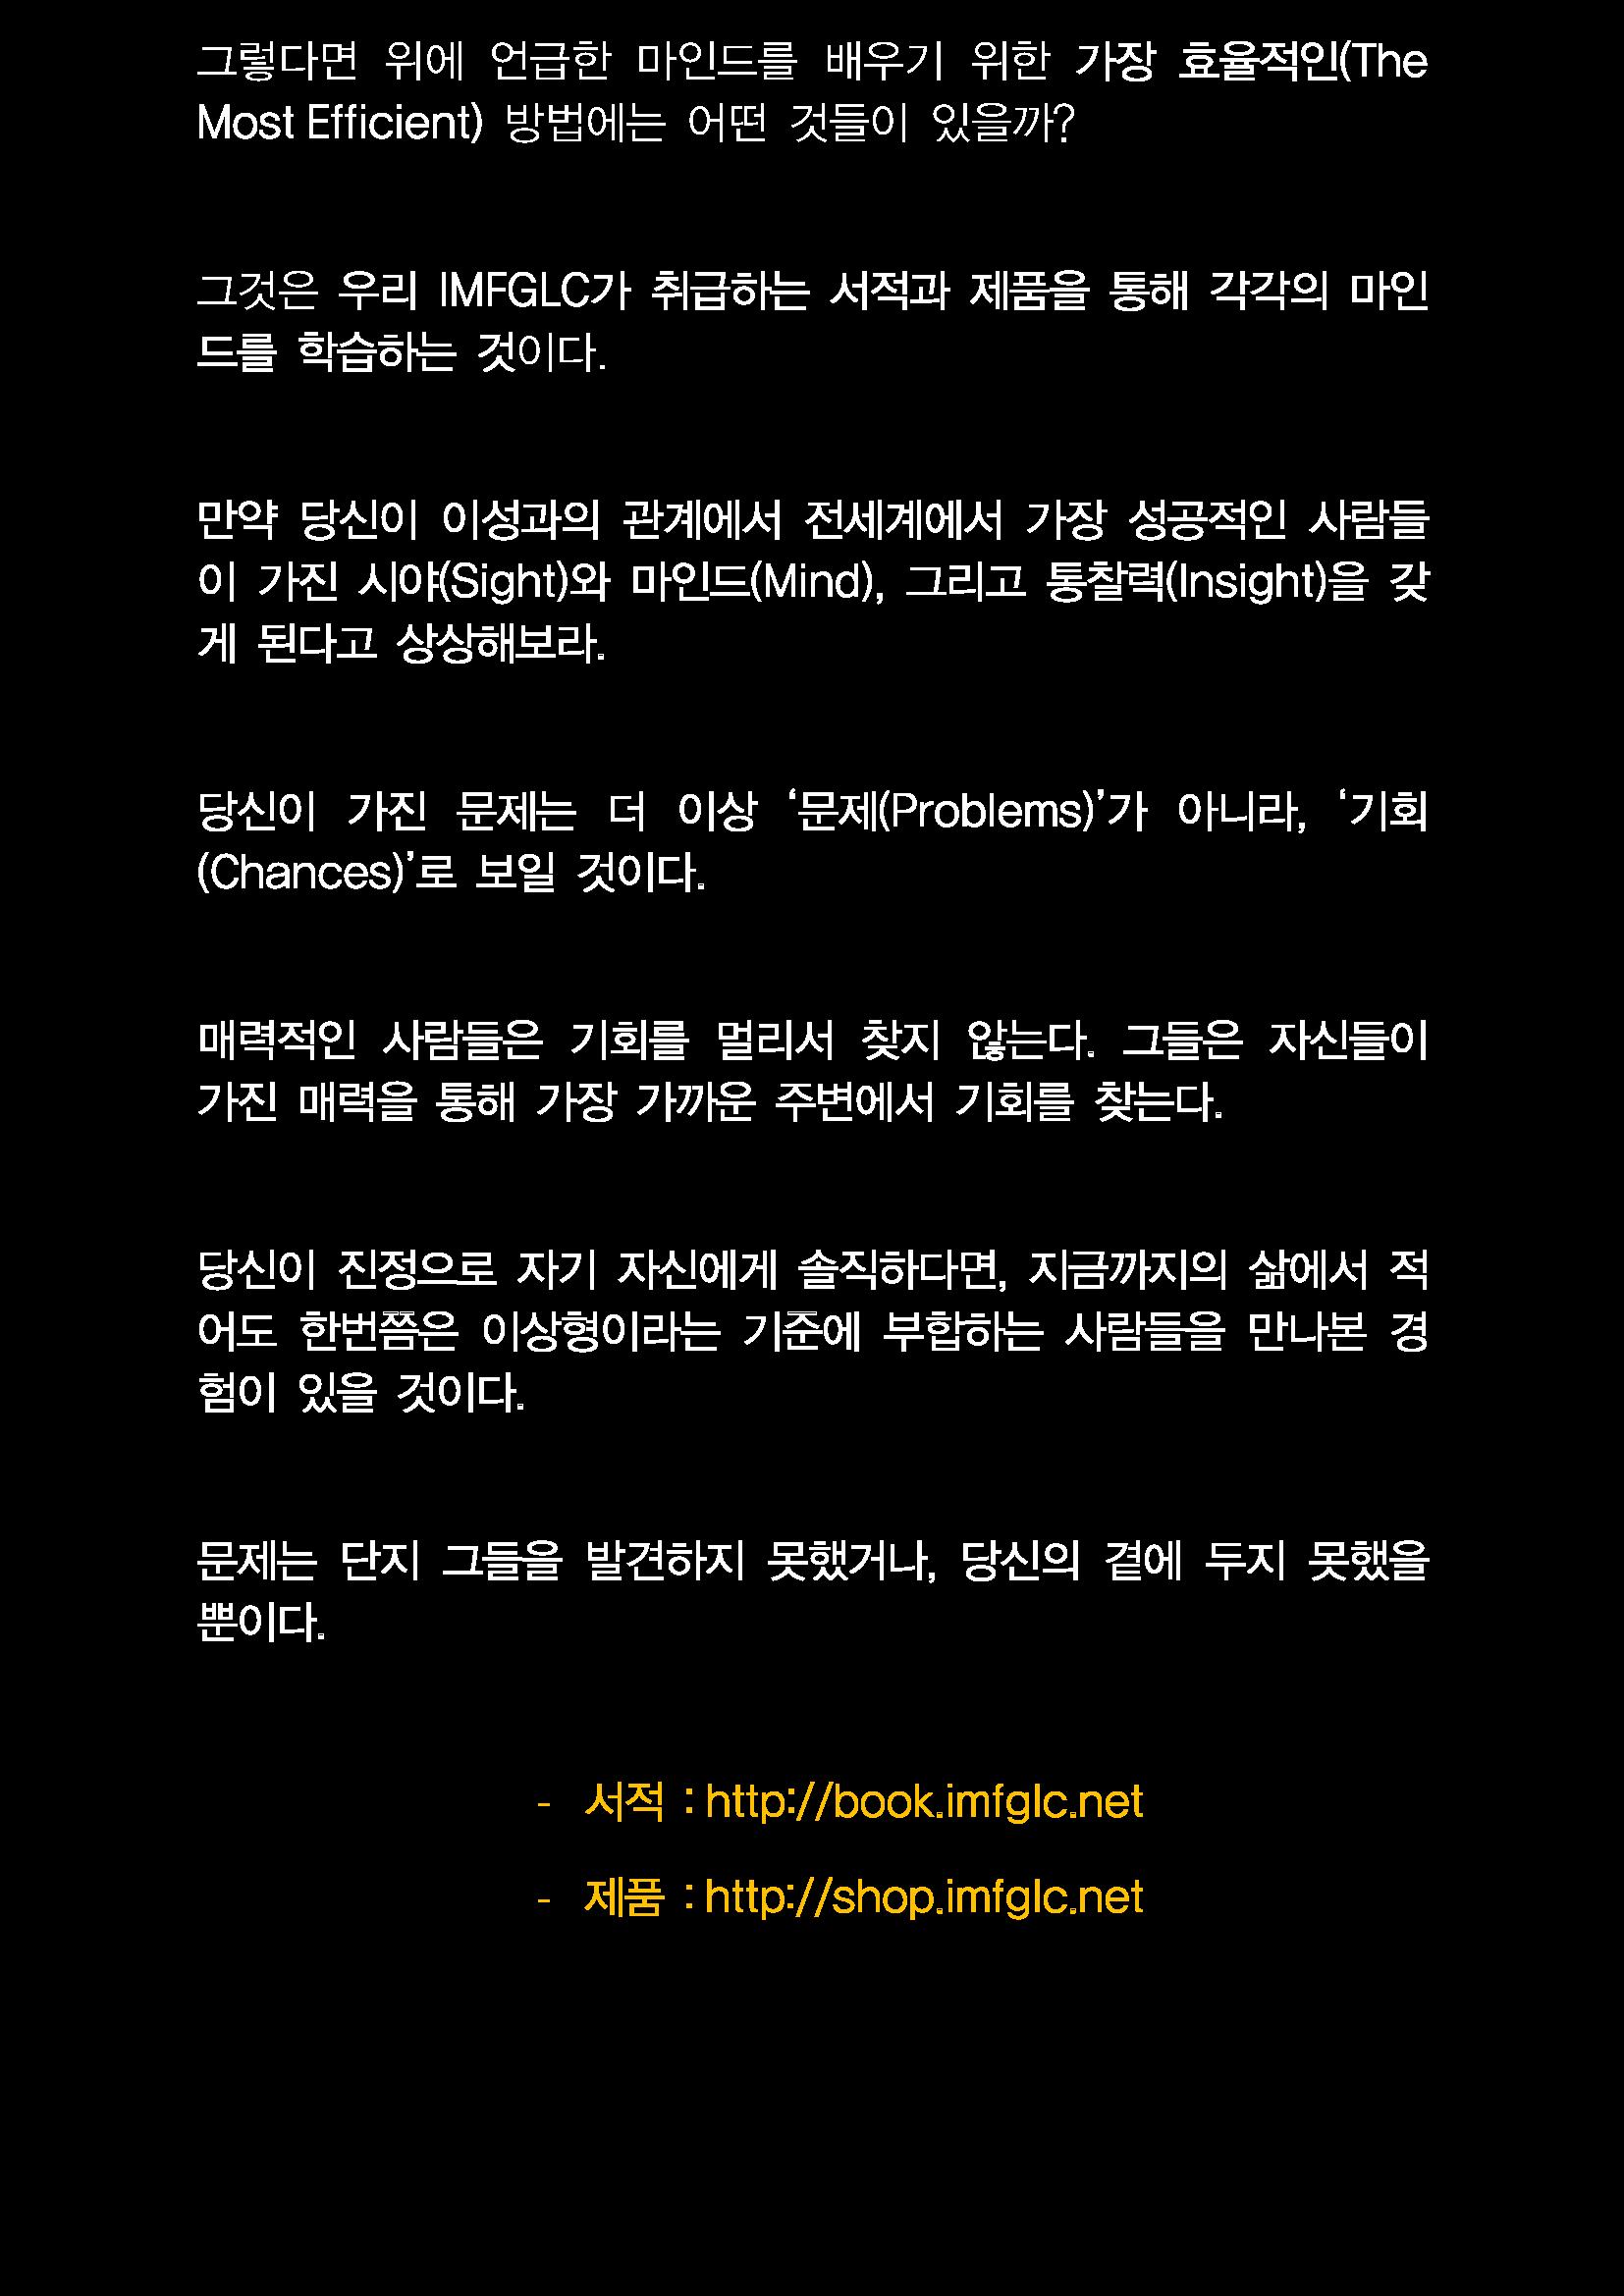 마인드에 대한 이해_Page_11.png